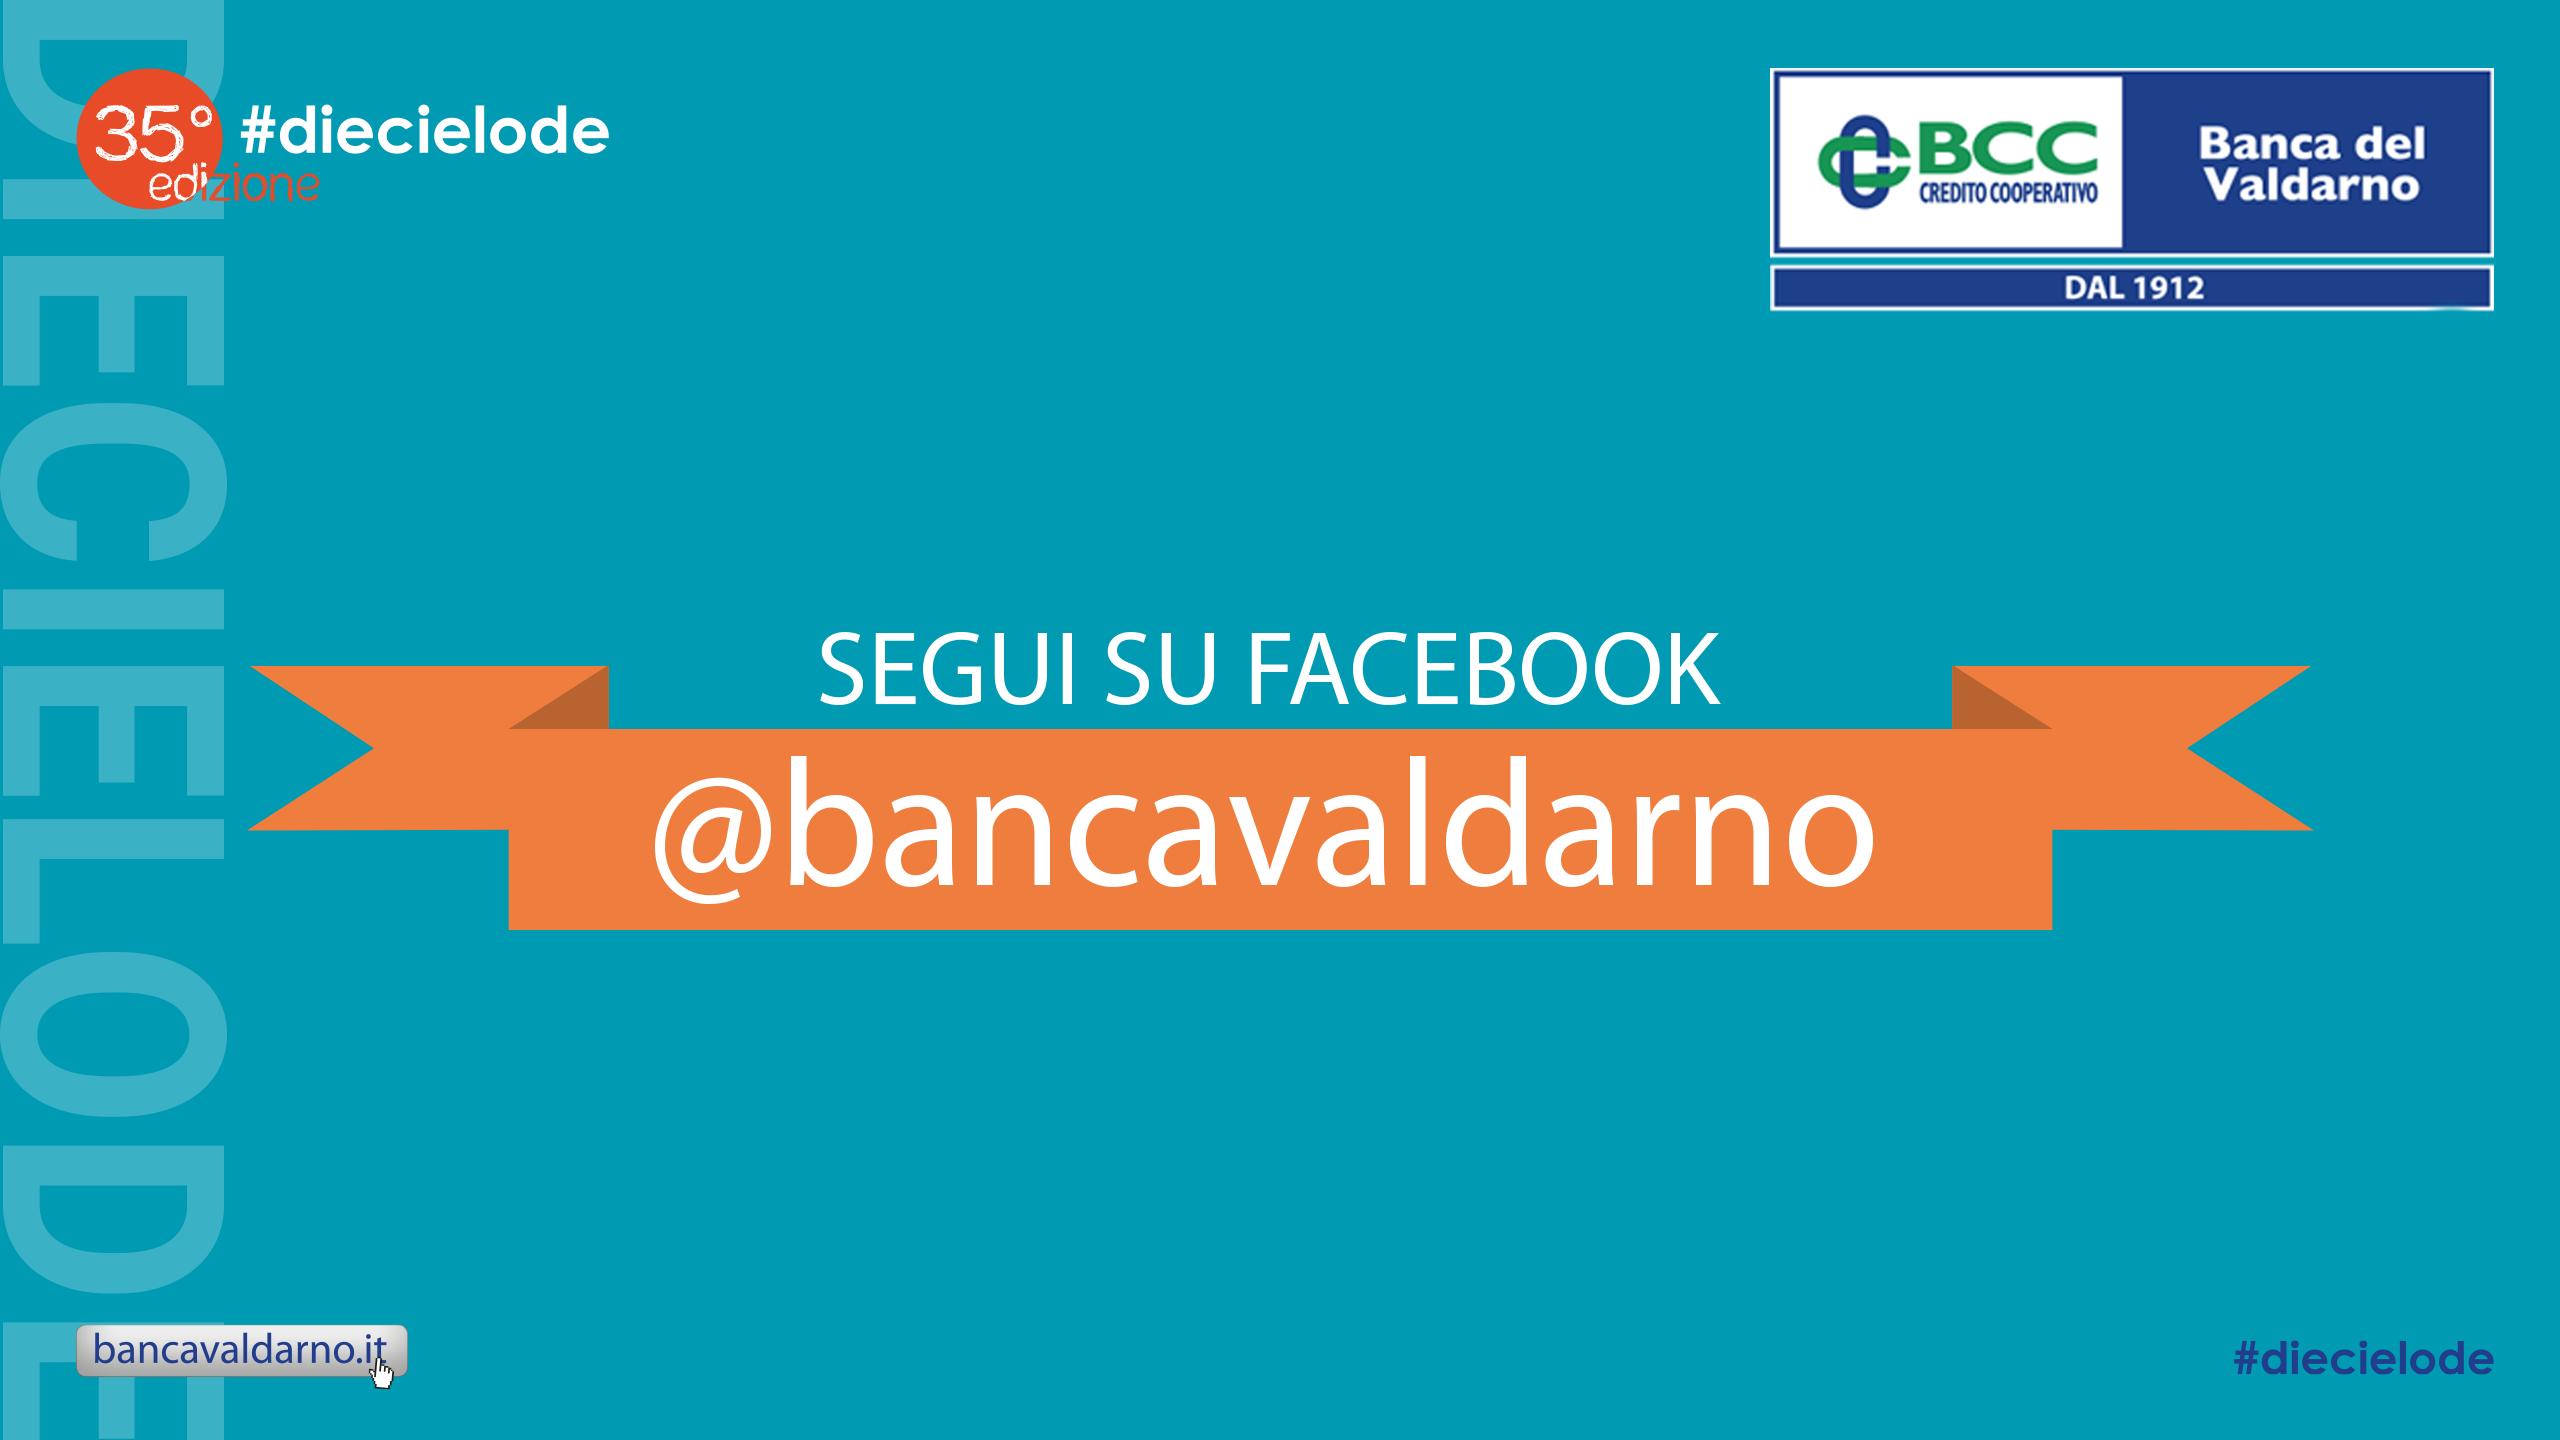 @bancavaldarno